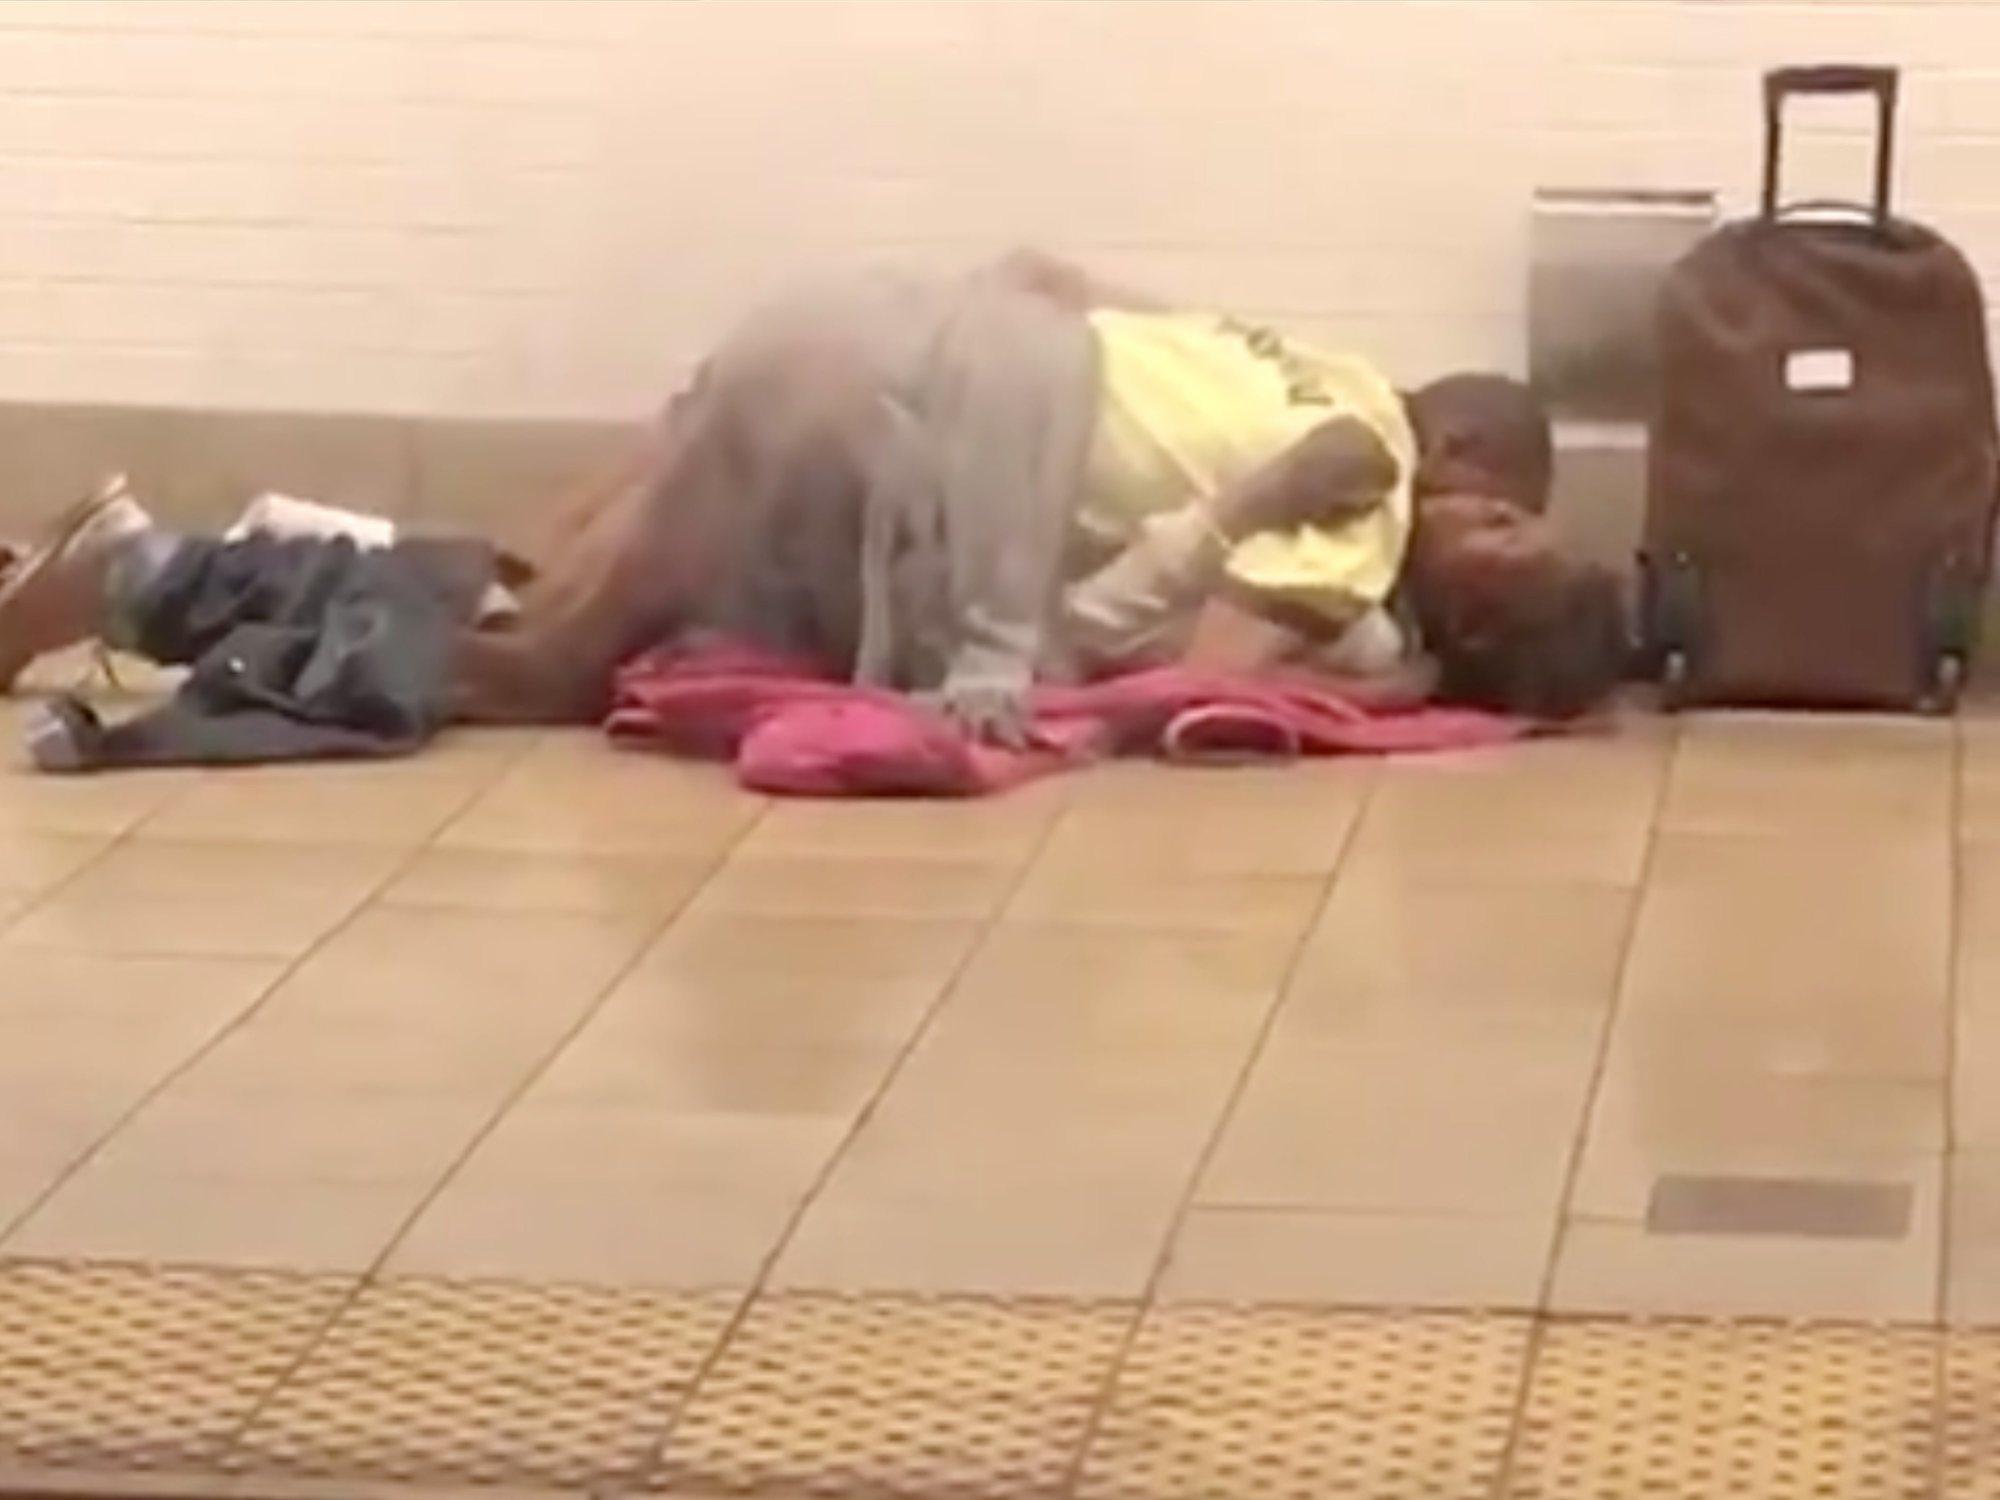 Graban a una pareja teniendo sexo en un andén del metro de Nueva York en plena hora punta